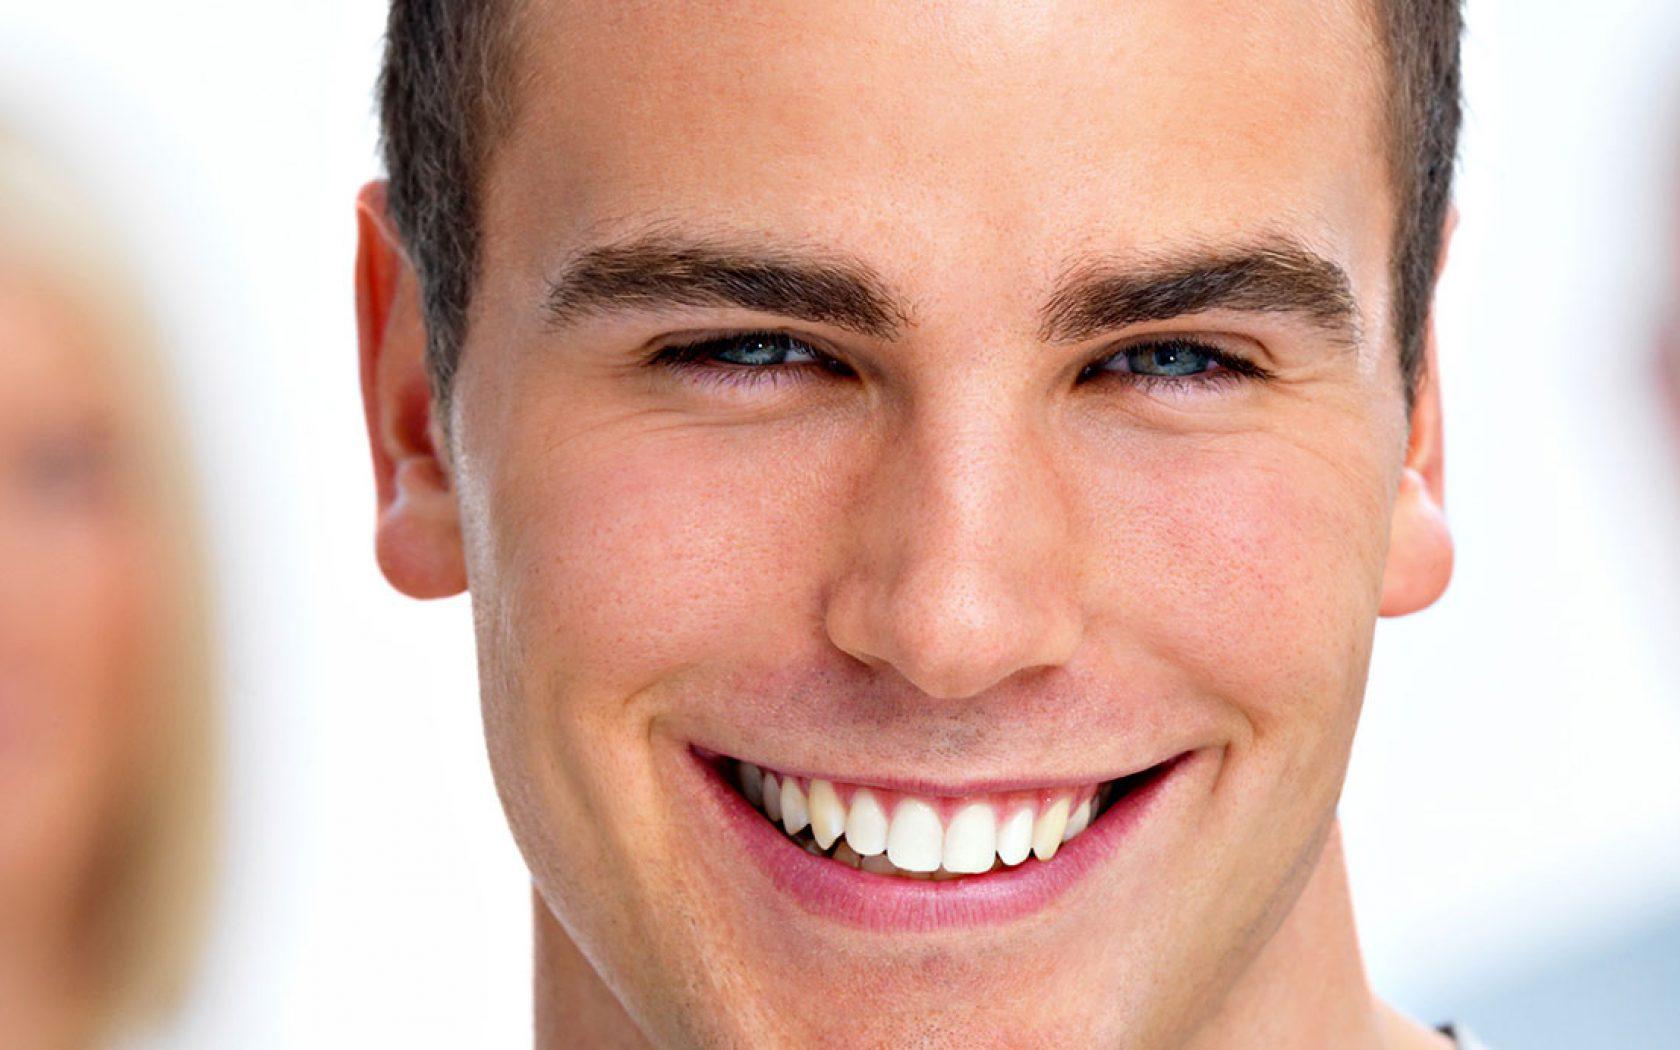 Το χαμόγελο αναβαθμίζει την ψυχολογία του άνδρα.